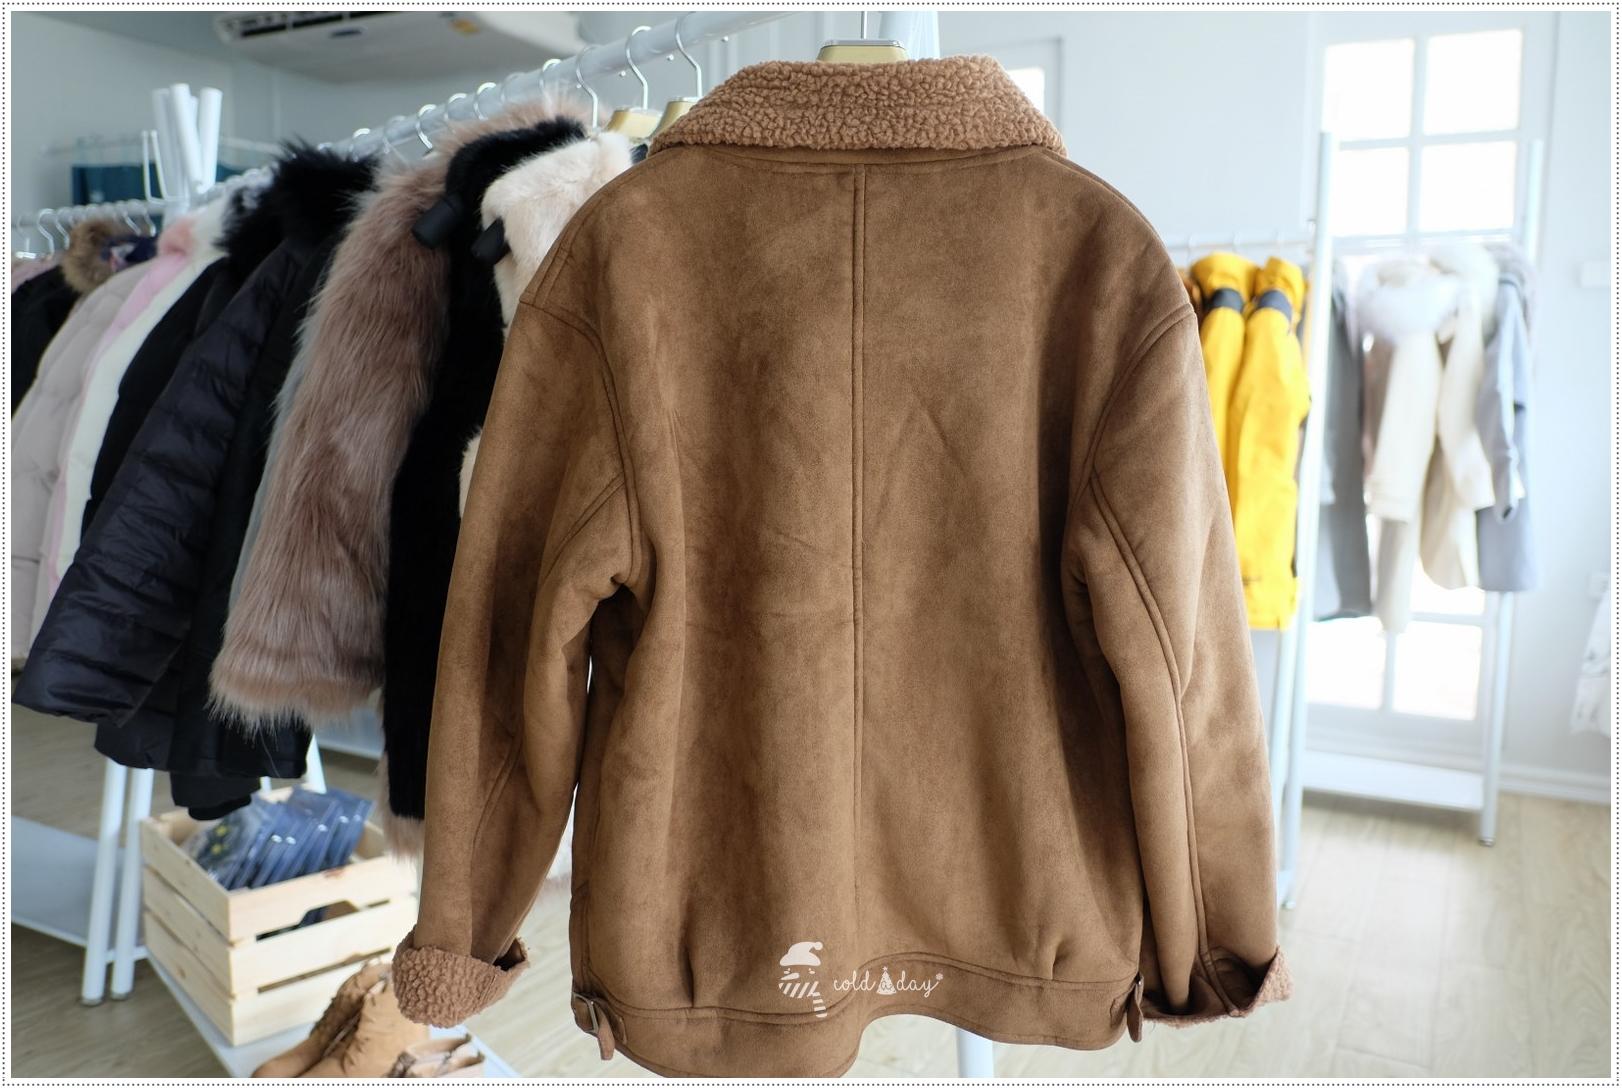 เช่าเสื้อแจ็คเก็ต เช่าเสื้อกันหนาว เช่าโค้ท เช่าเสื้อโค้ท เสื้อกันหนาว แจ็คเก็ตกันหนาว